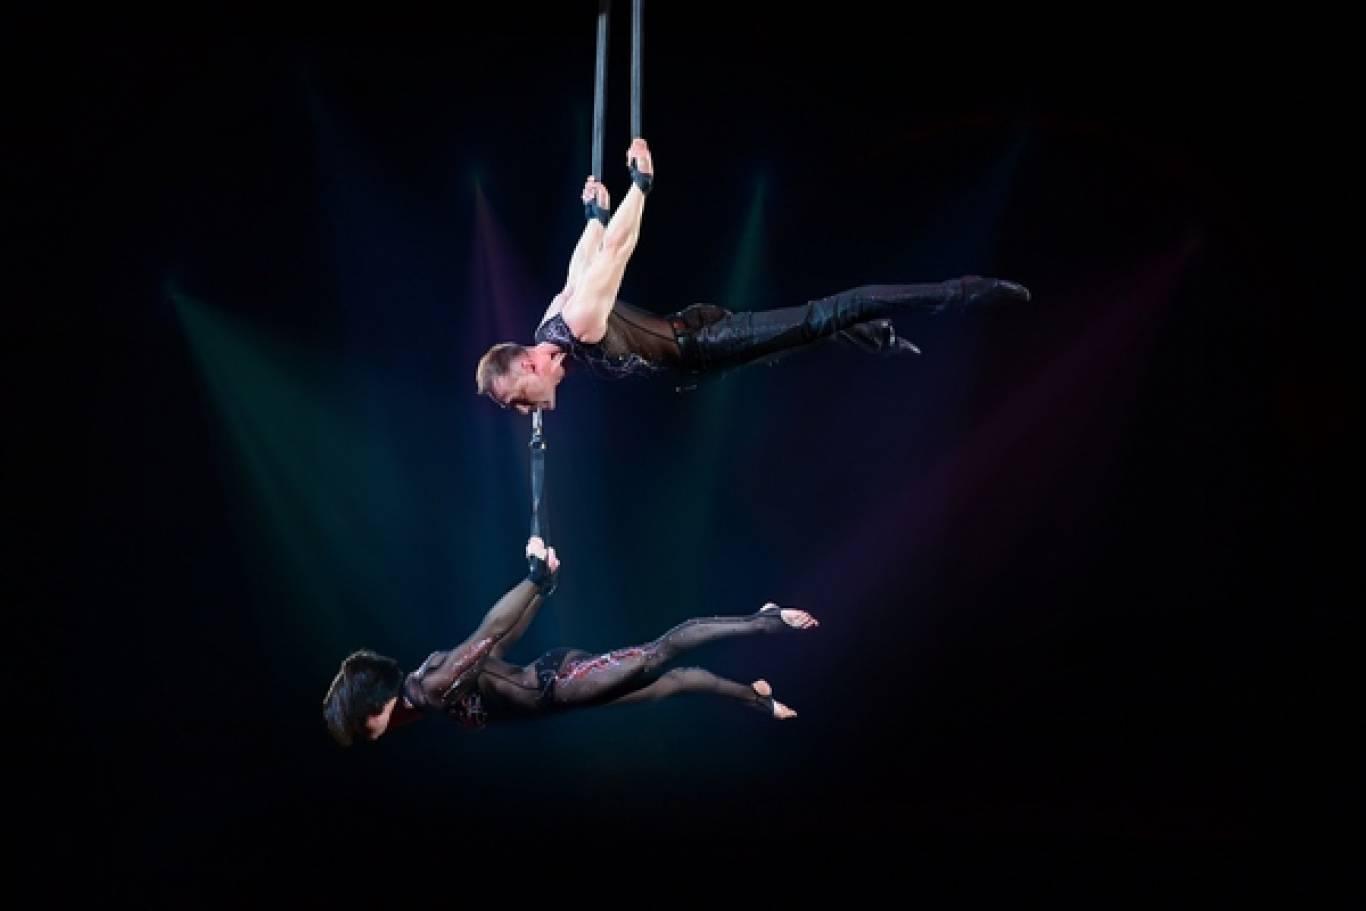 Цирк з новою шоу-програмою у Вінниці